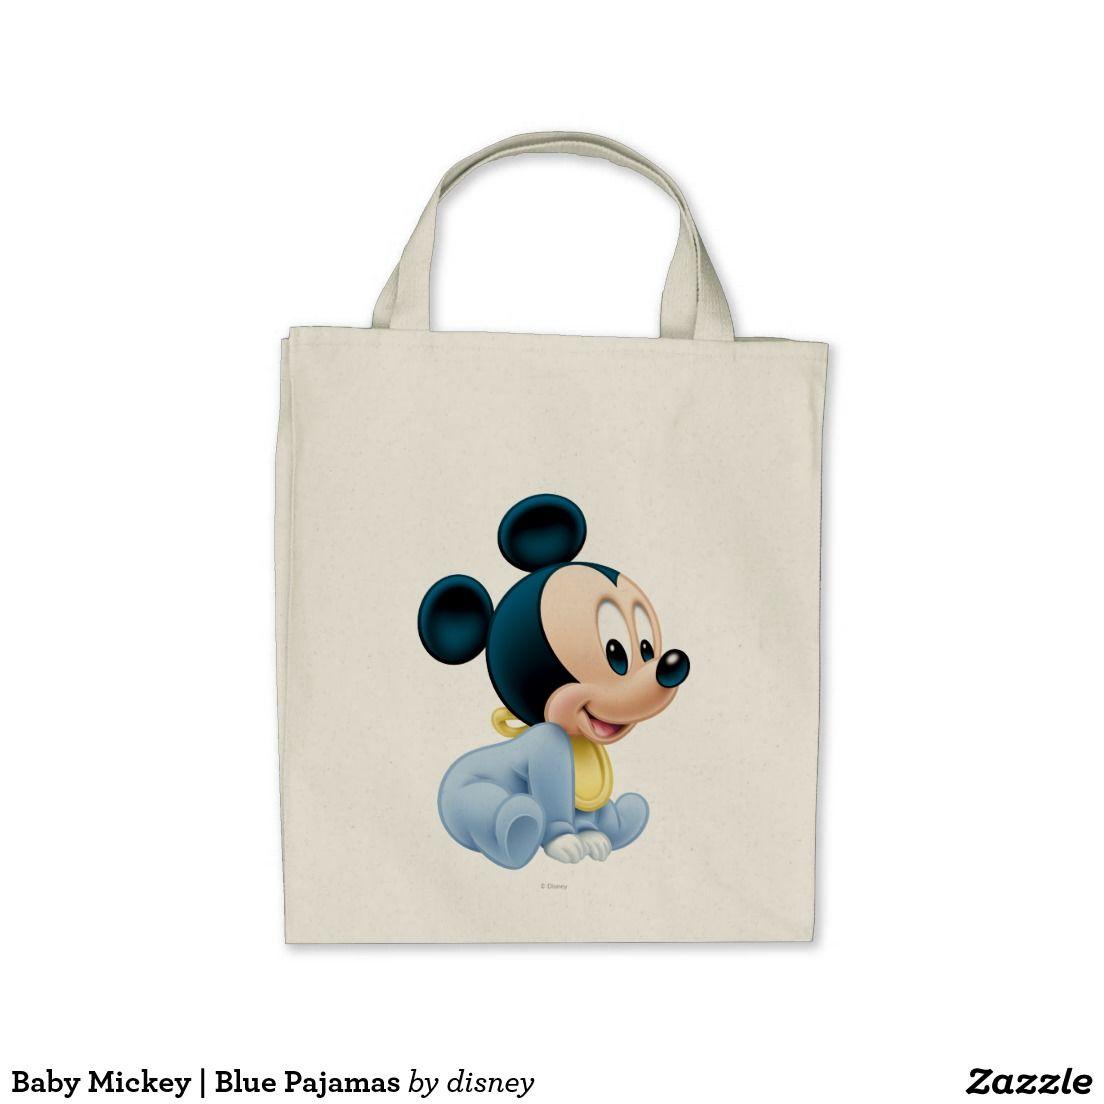 Baby Mickey | Blue Pajamas Tote Bag